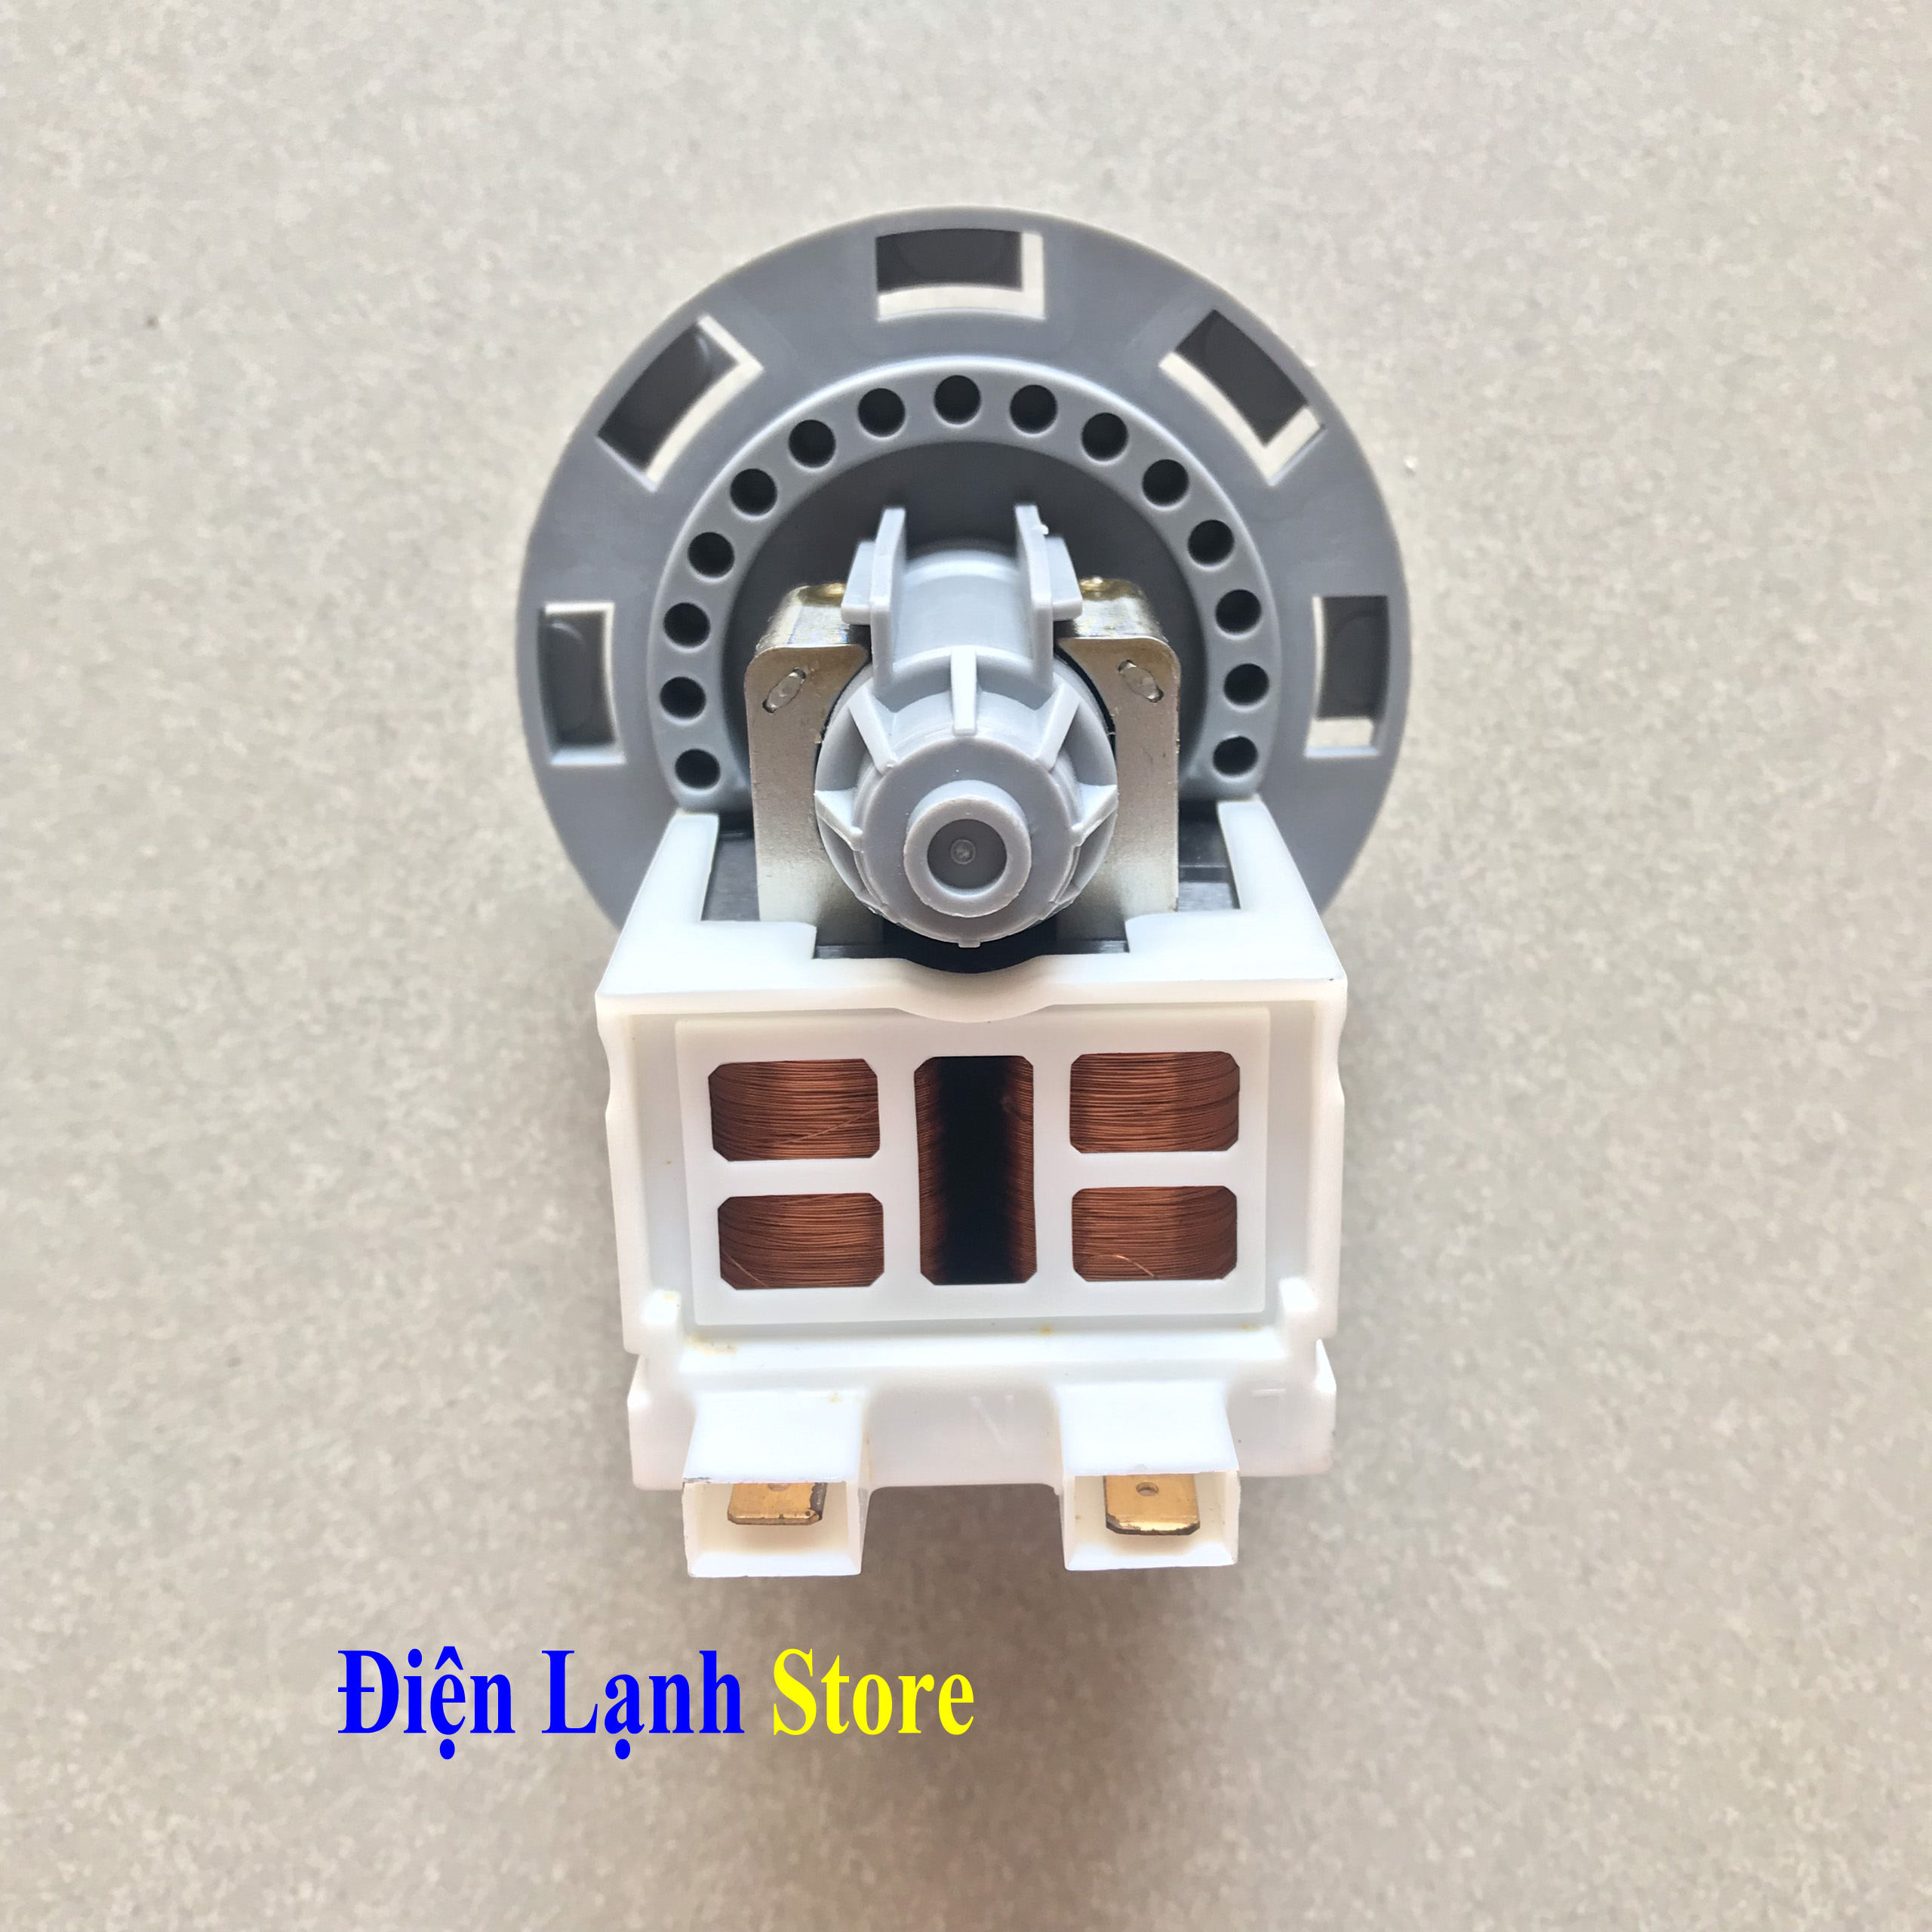 Bảng giá Bơm Xã Máy Giặt Cửa Ngang 8 Ngấn Cài 4125 Loại Tốt Điện máy Pico